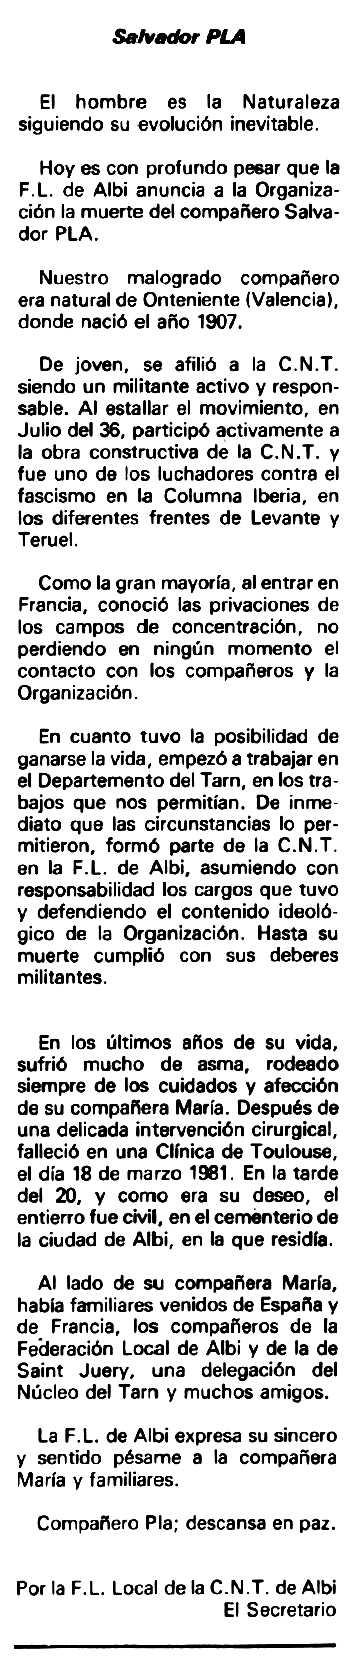 """Necrològica de Salvador Pla Paula apareguda en el periòdic tolosà """"Espoir"""" del 17 de maig de 1981"""